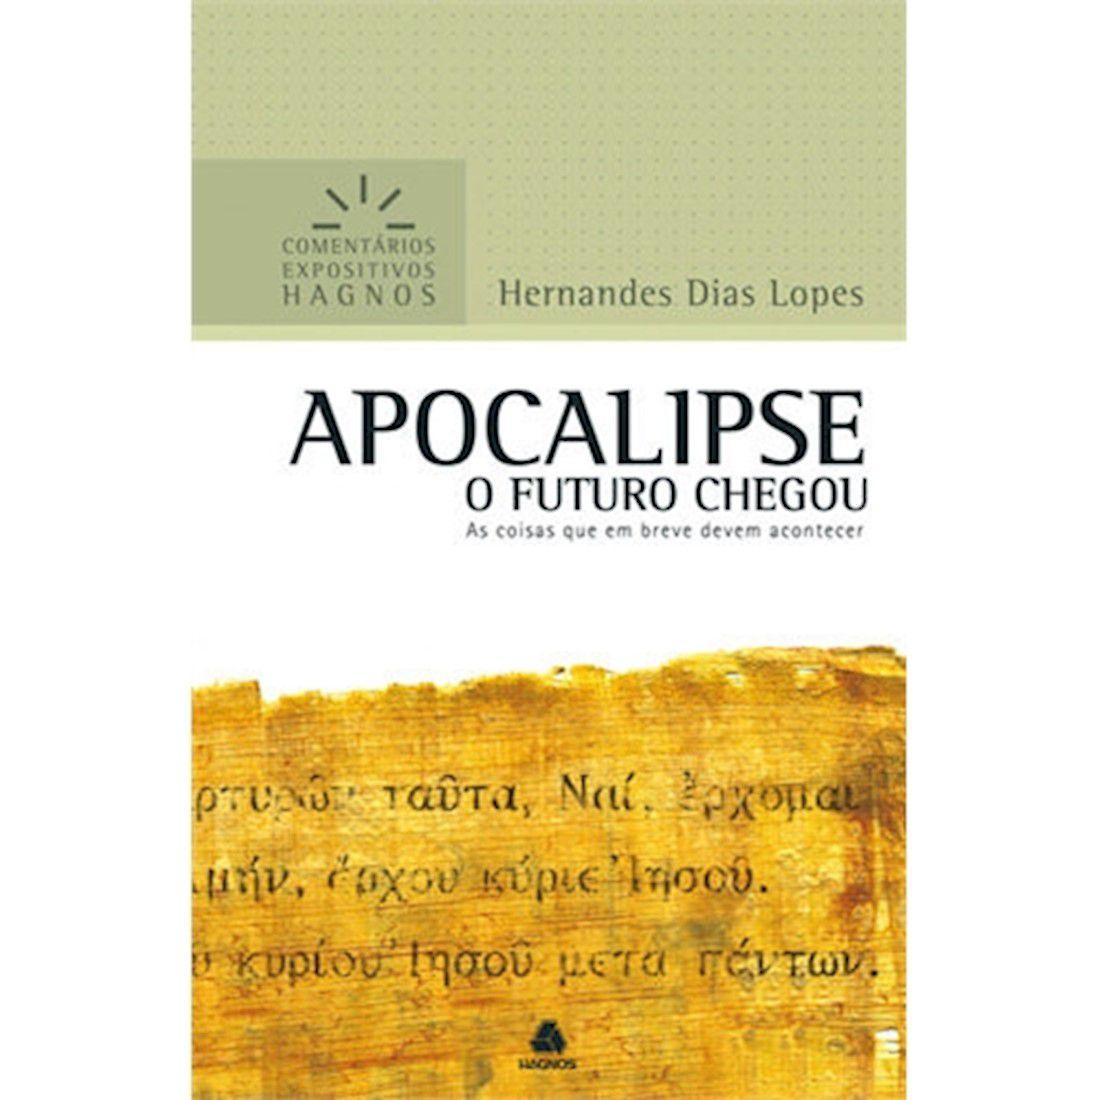 Livro Apocalipse | Comentários Expositivos Hagnos